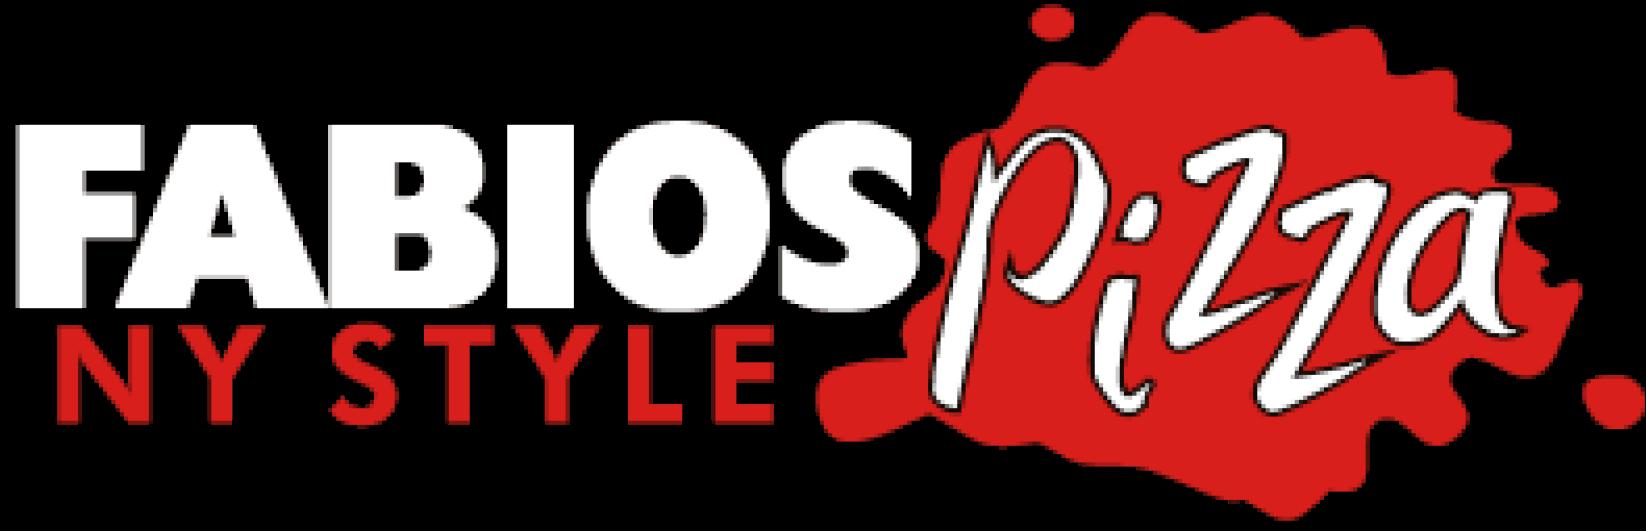 Fabios NY Pizza Home